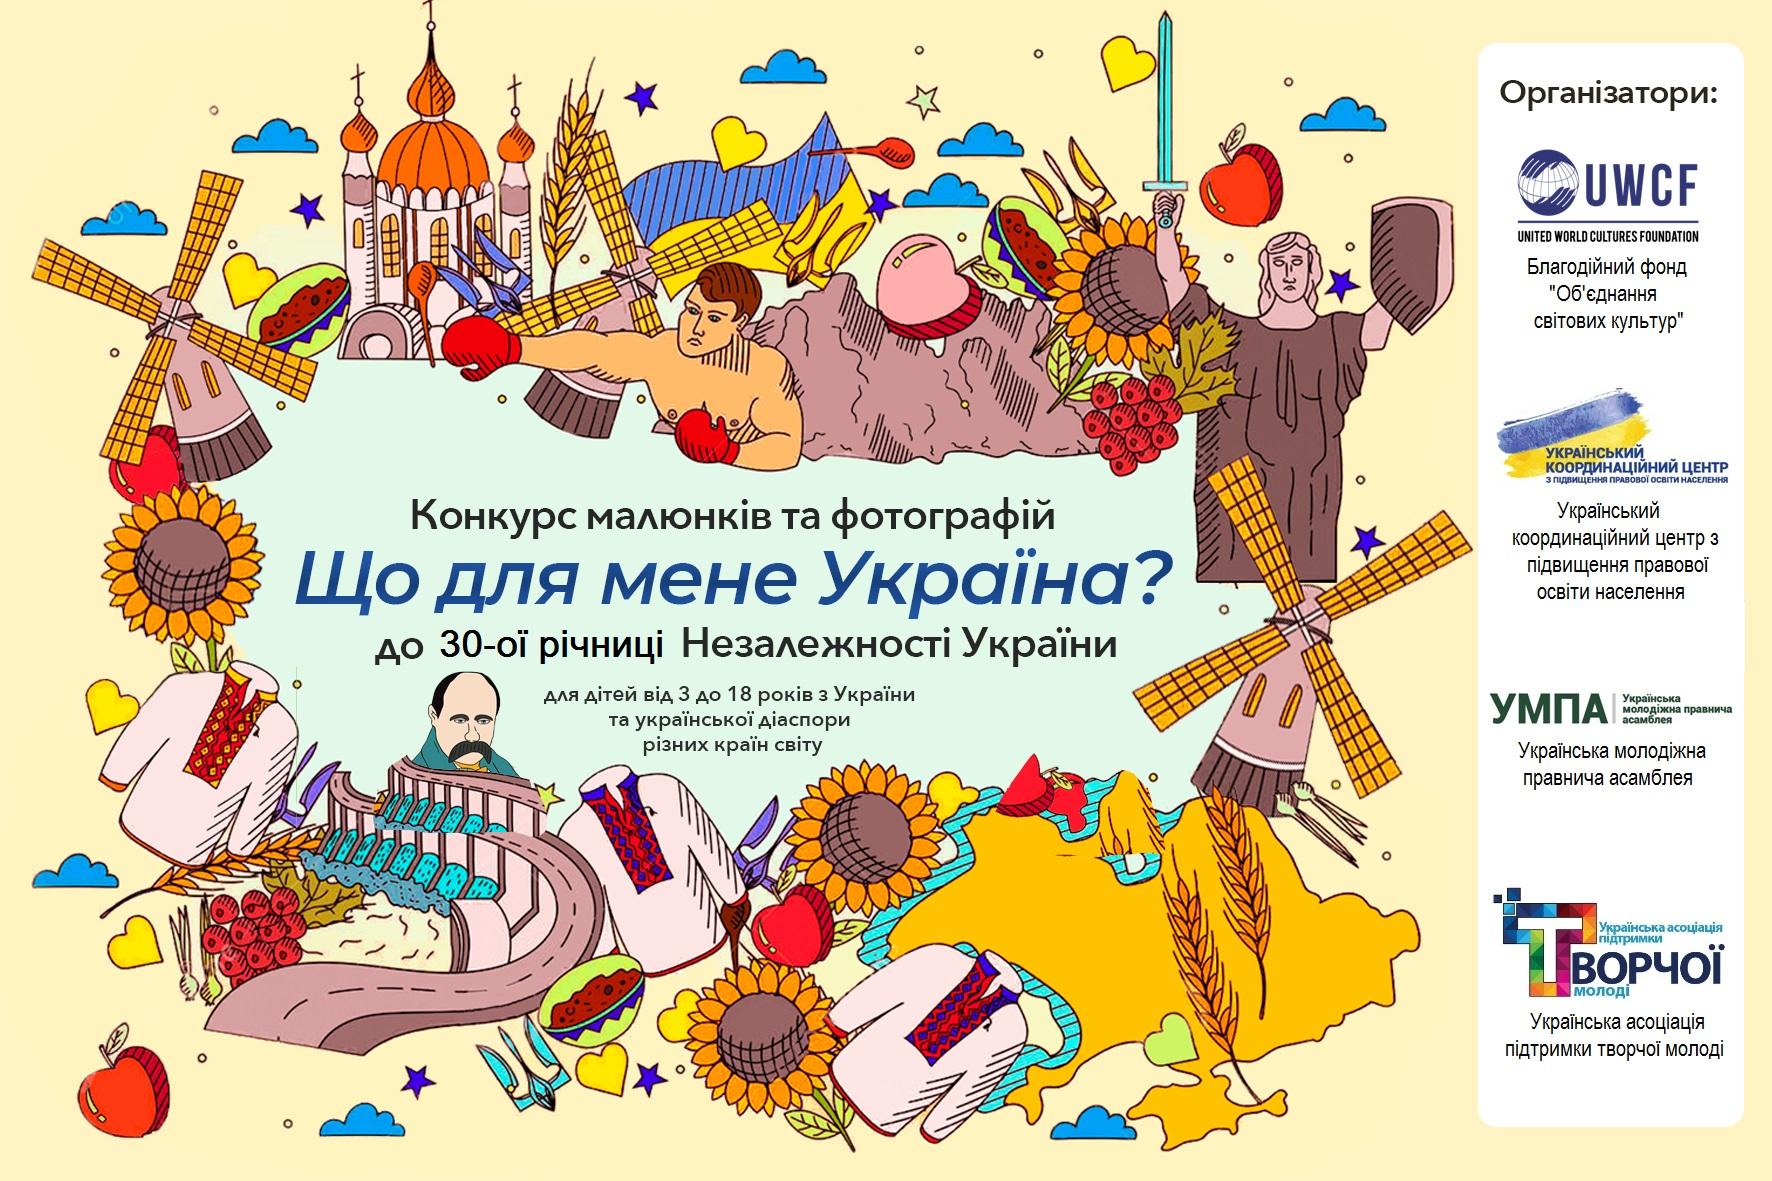 «Що для мене Україна?»: Рівнян запрошують долучитися до творчого конкурсу в рамках 30-річчя Незалежності